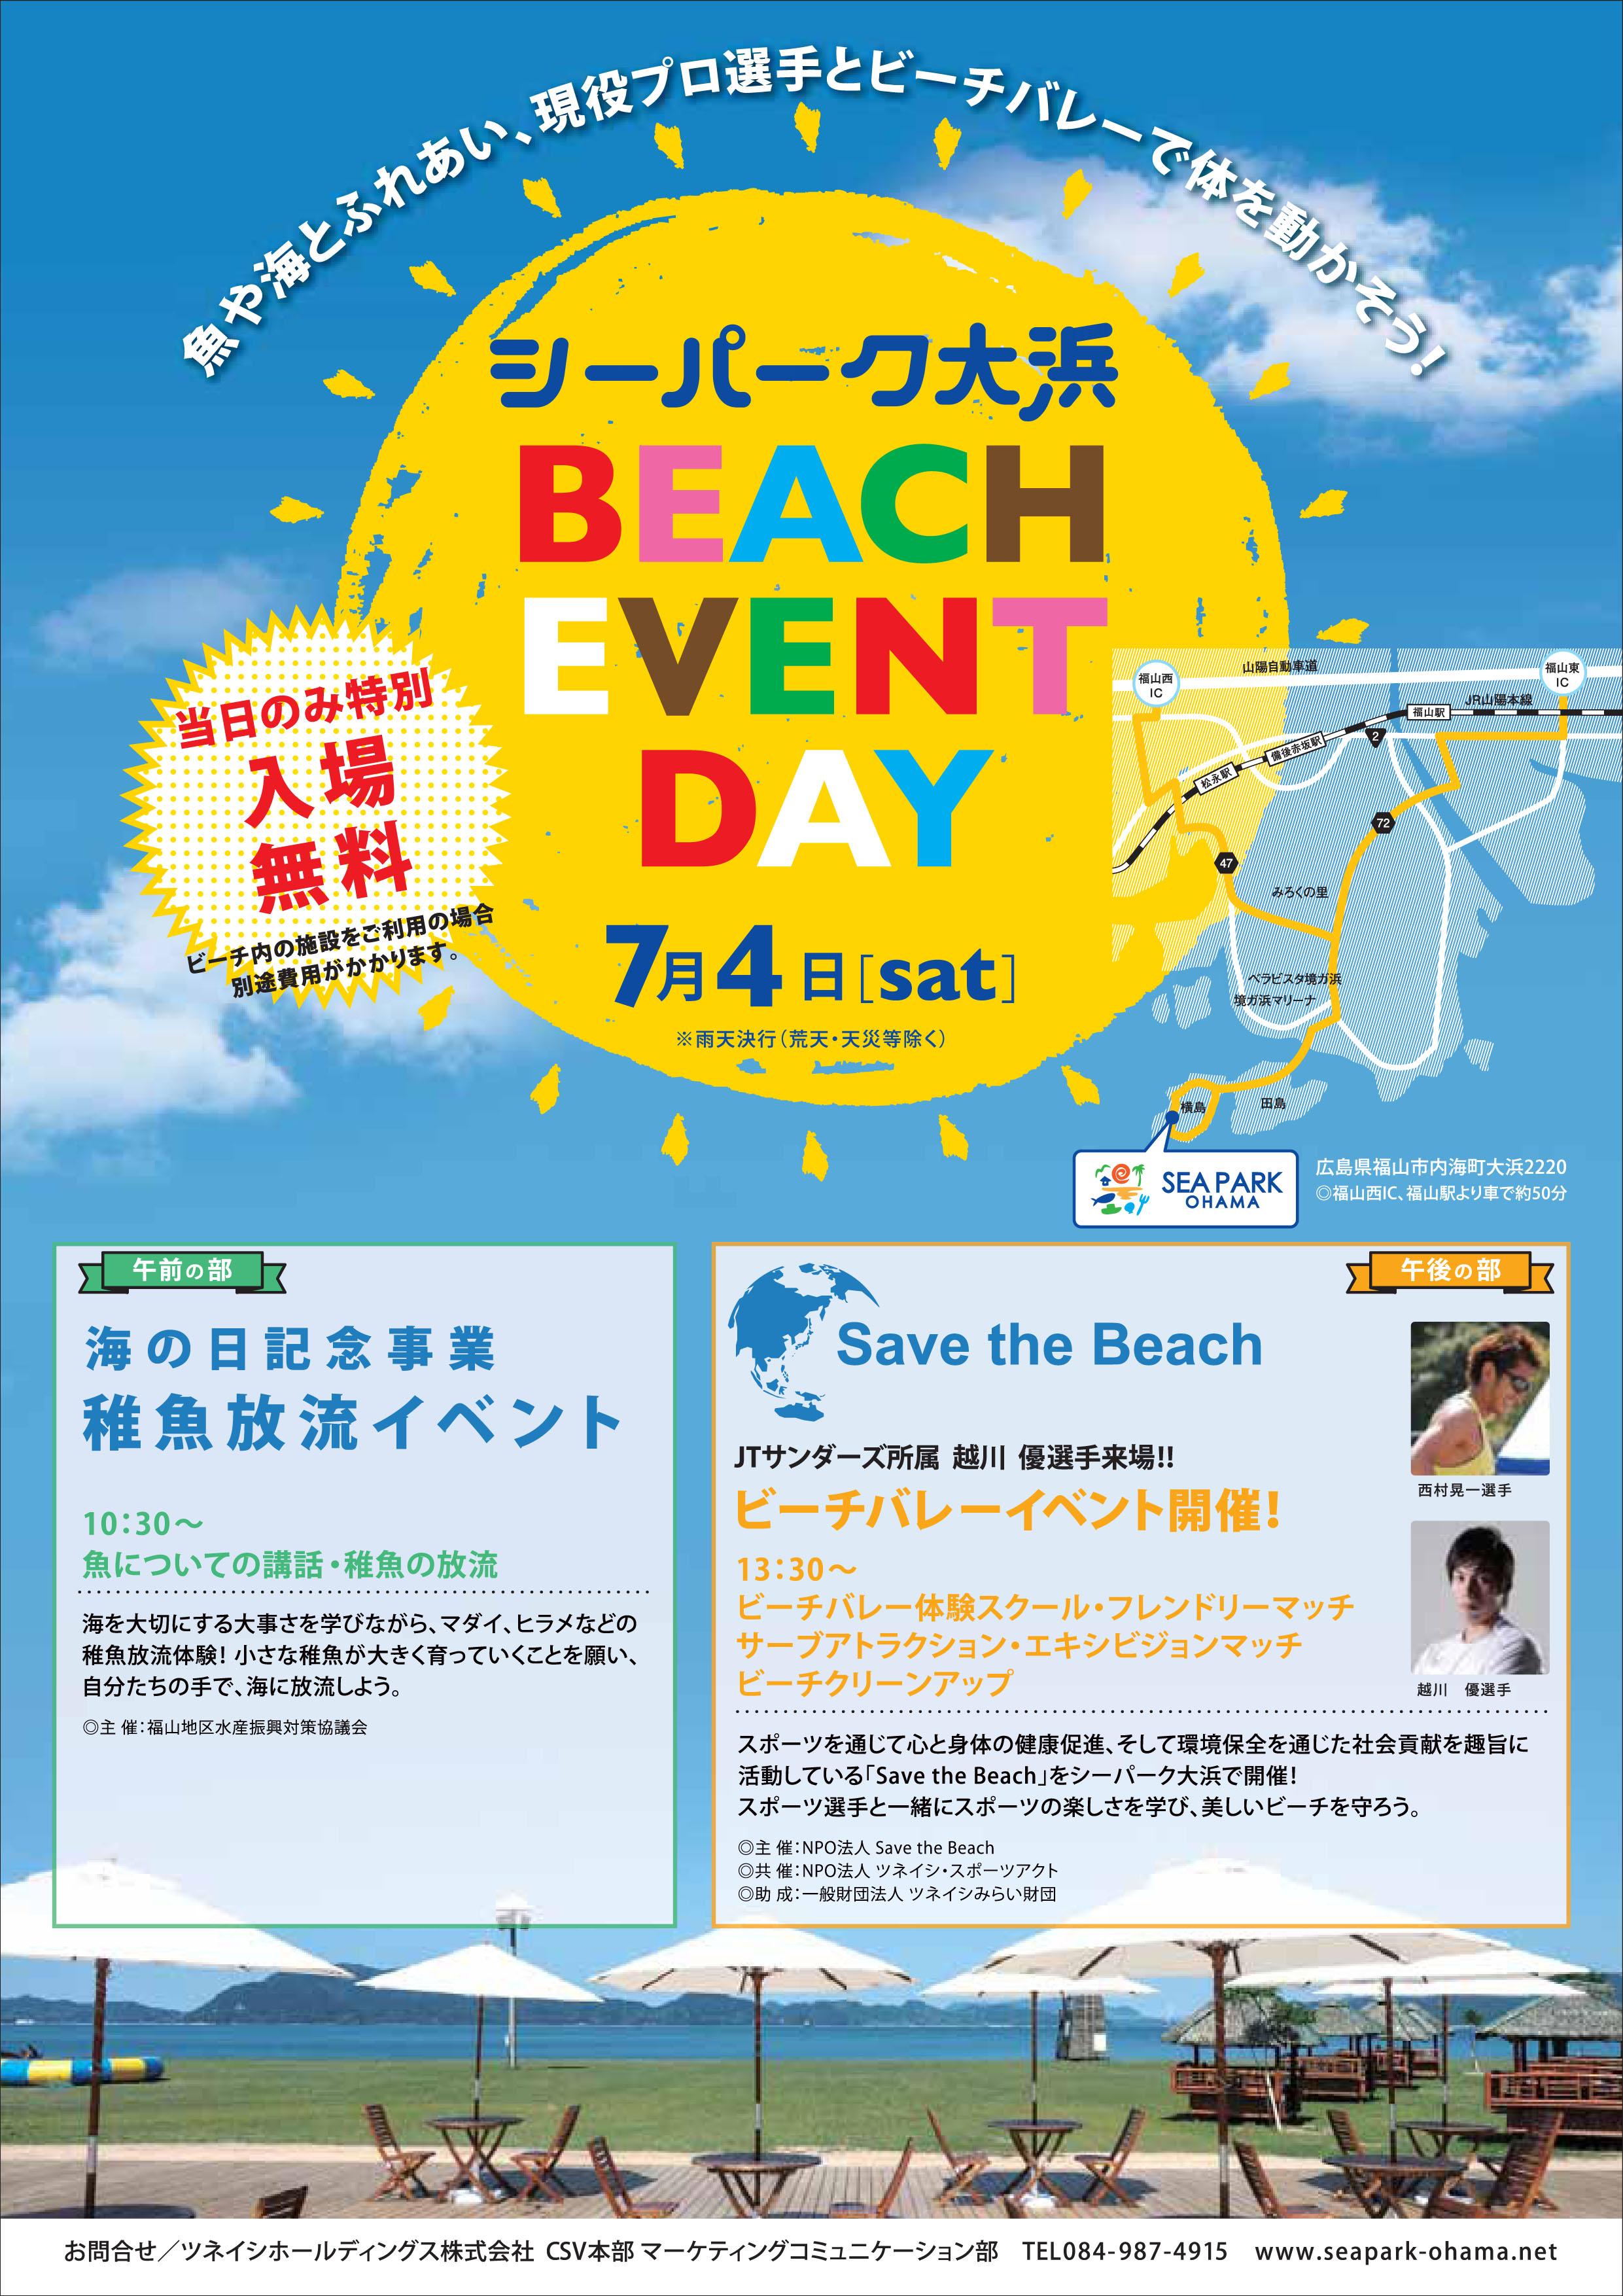 7/4は特別に入場無料のBEACH EVENT DAY!